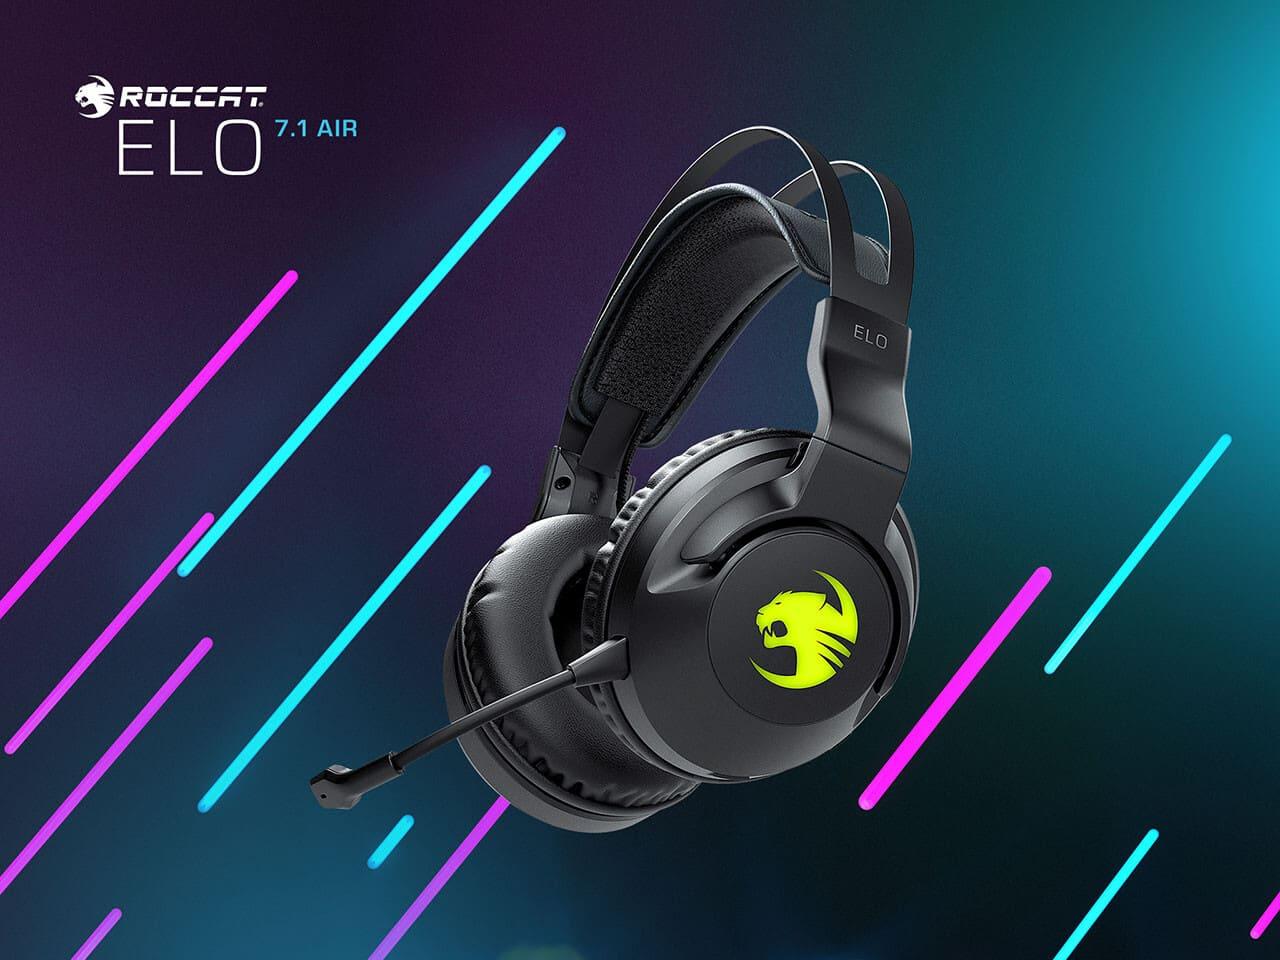 [GIỚI THIỆU] - ROCCAT giới thiệu dòng tai nghe gaming mới mang tên Elo